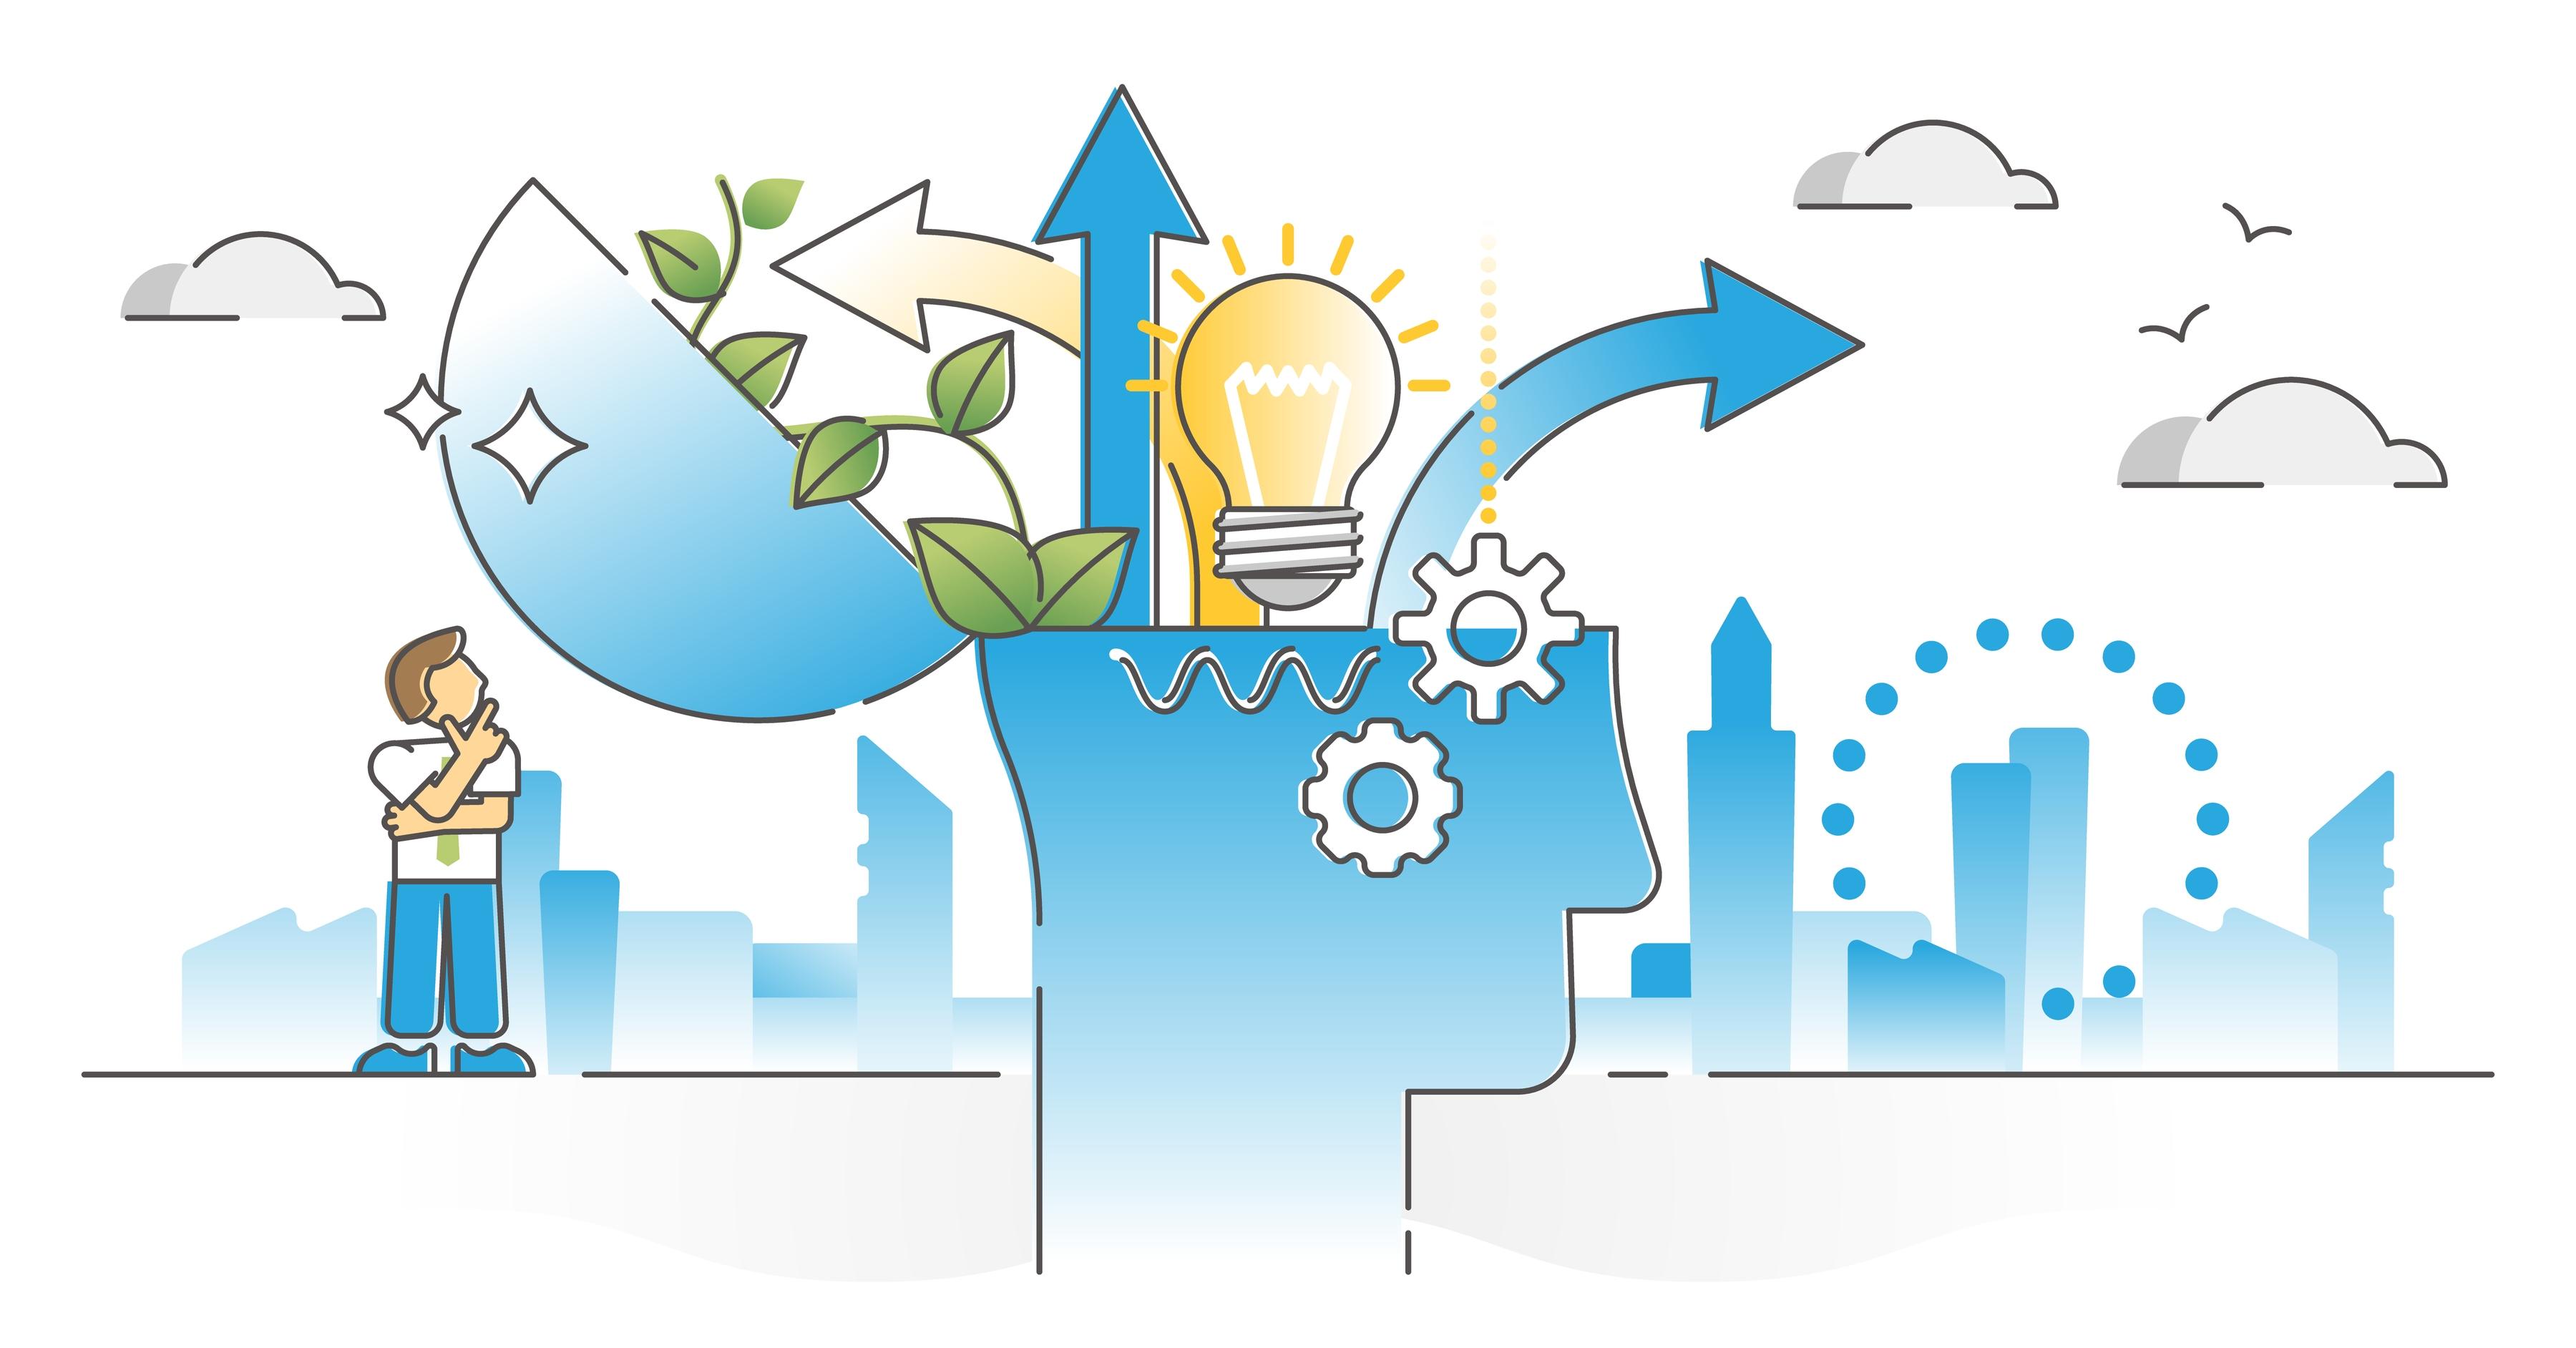 Reflezxiones evalucion ambiental Decreto ley 31-20